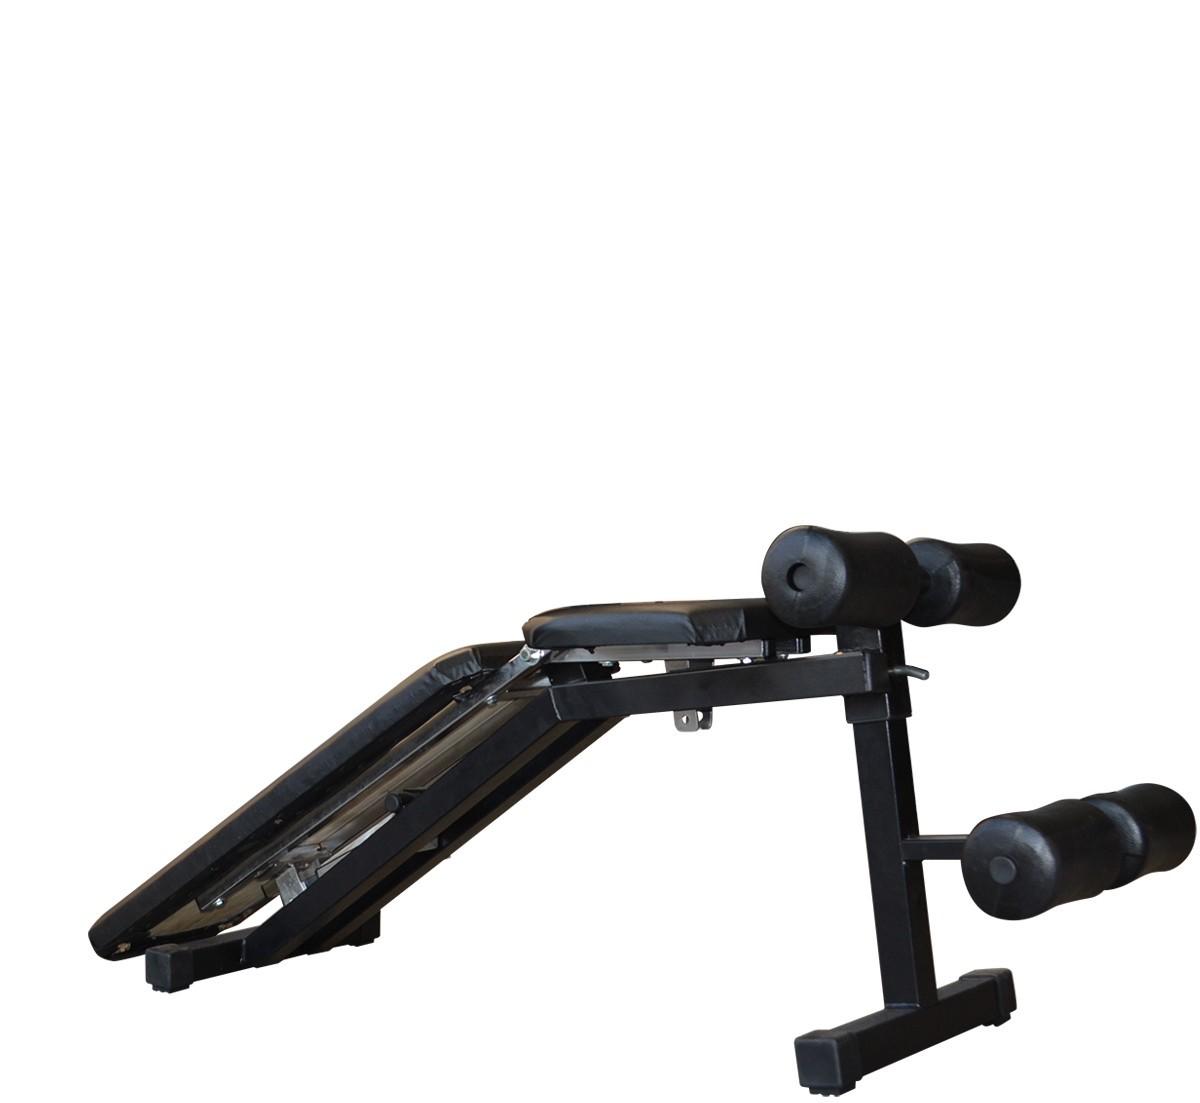 Foto5 - Banco livre Regulável para Exercícios com Barras, Halteres ou equipamentos, multi-uso. Melhor Preço - Halteres e Anilhas